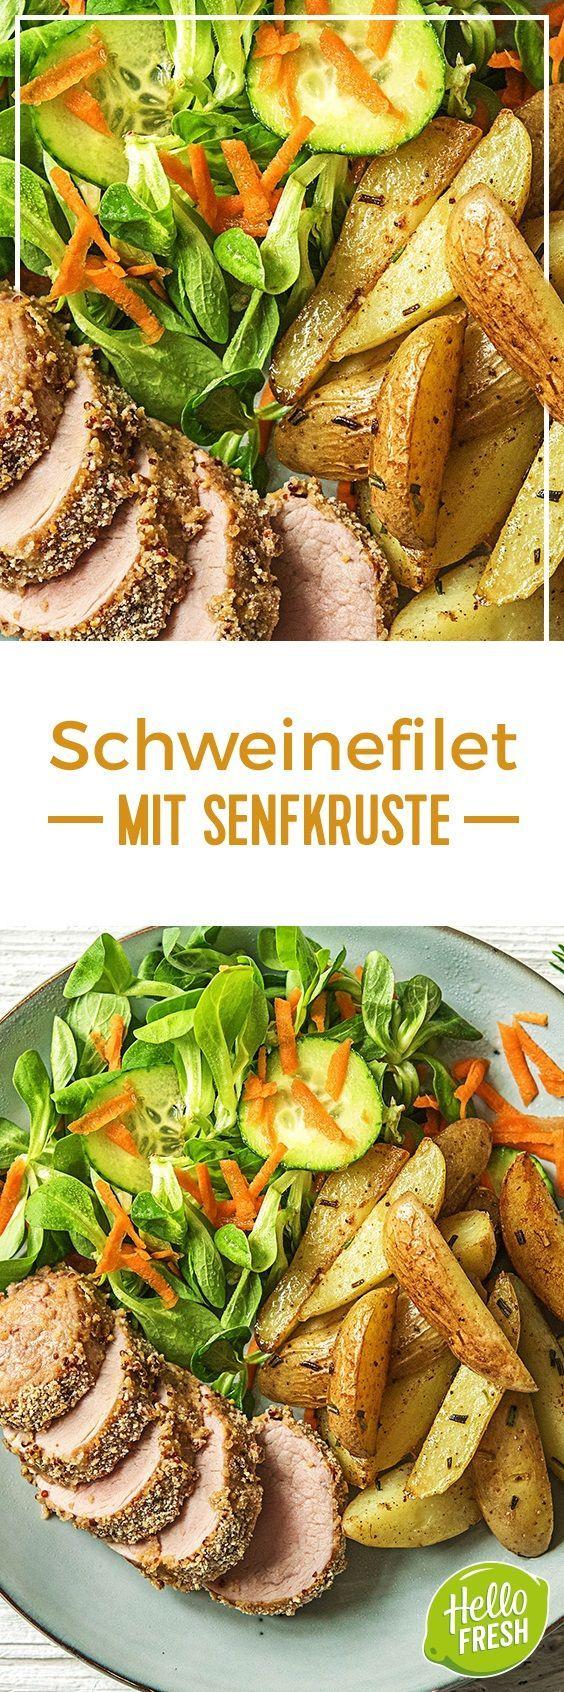 Step by Step Rezept: Saftiges Schweinefilet mit Senfkruste Rosmarindrillingen und buntem Feldsalat  Kochen / Essen / Ernährung / Lecker / Kochbox / Zutaten / Gesund / Schnell / Frühling / Einfach / DIY / Küche / Gericht / Blog / Leicht / selber machen / backen / 30 Minuten / Laktosefrei / Filet  #hellofreshde #kochen #essen #zubereiten #zutaten #diy #rezept #kochbox #ernährung #lecker #gesund #leicht #schnell #frühling #einfach #küche #gericht #trend #blog #selbermachen #backen…